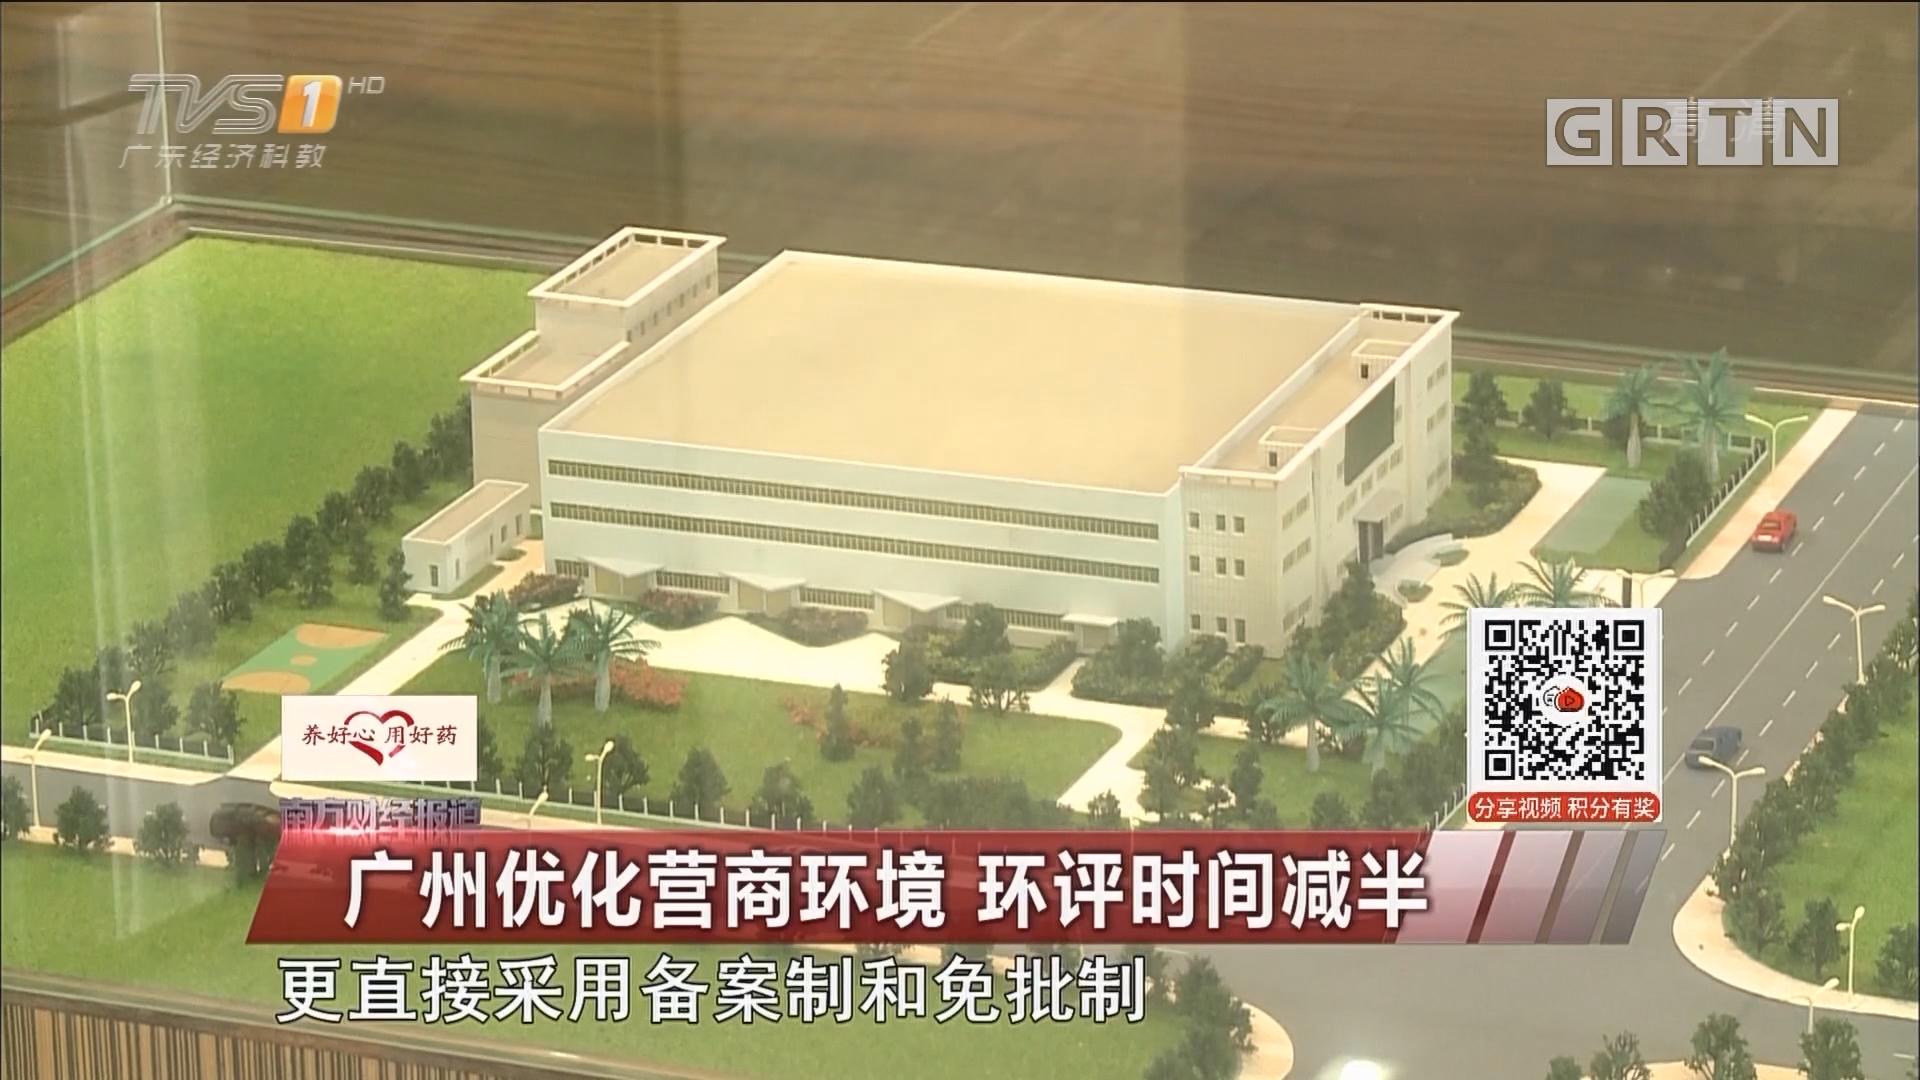 广州优化营商环境 环评时间减半